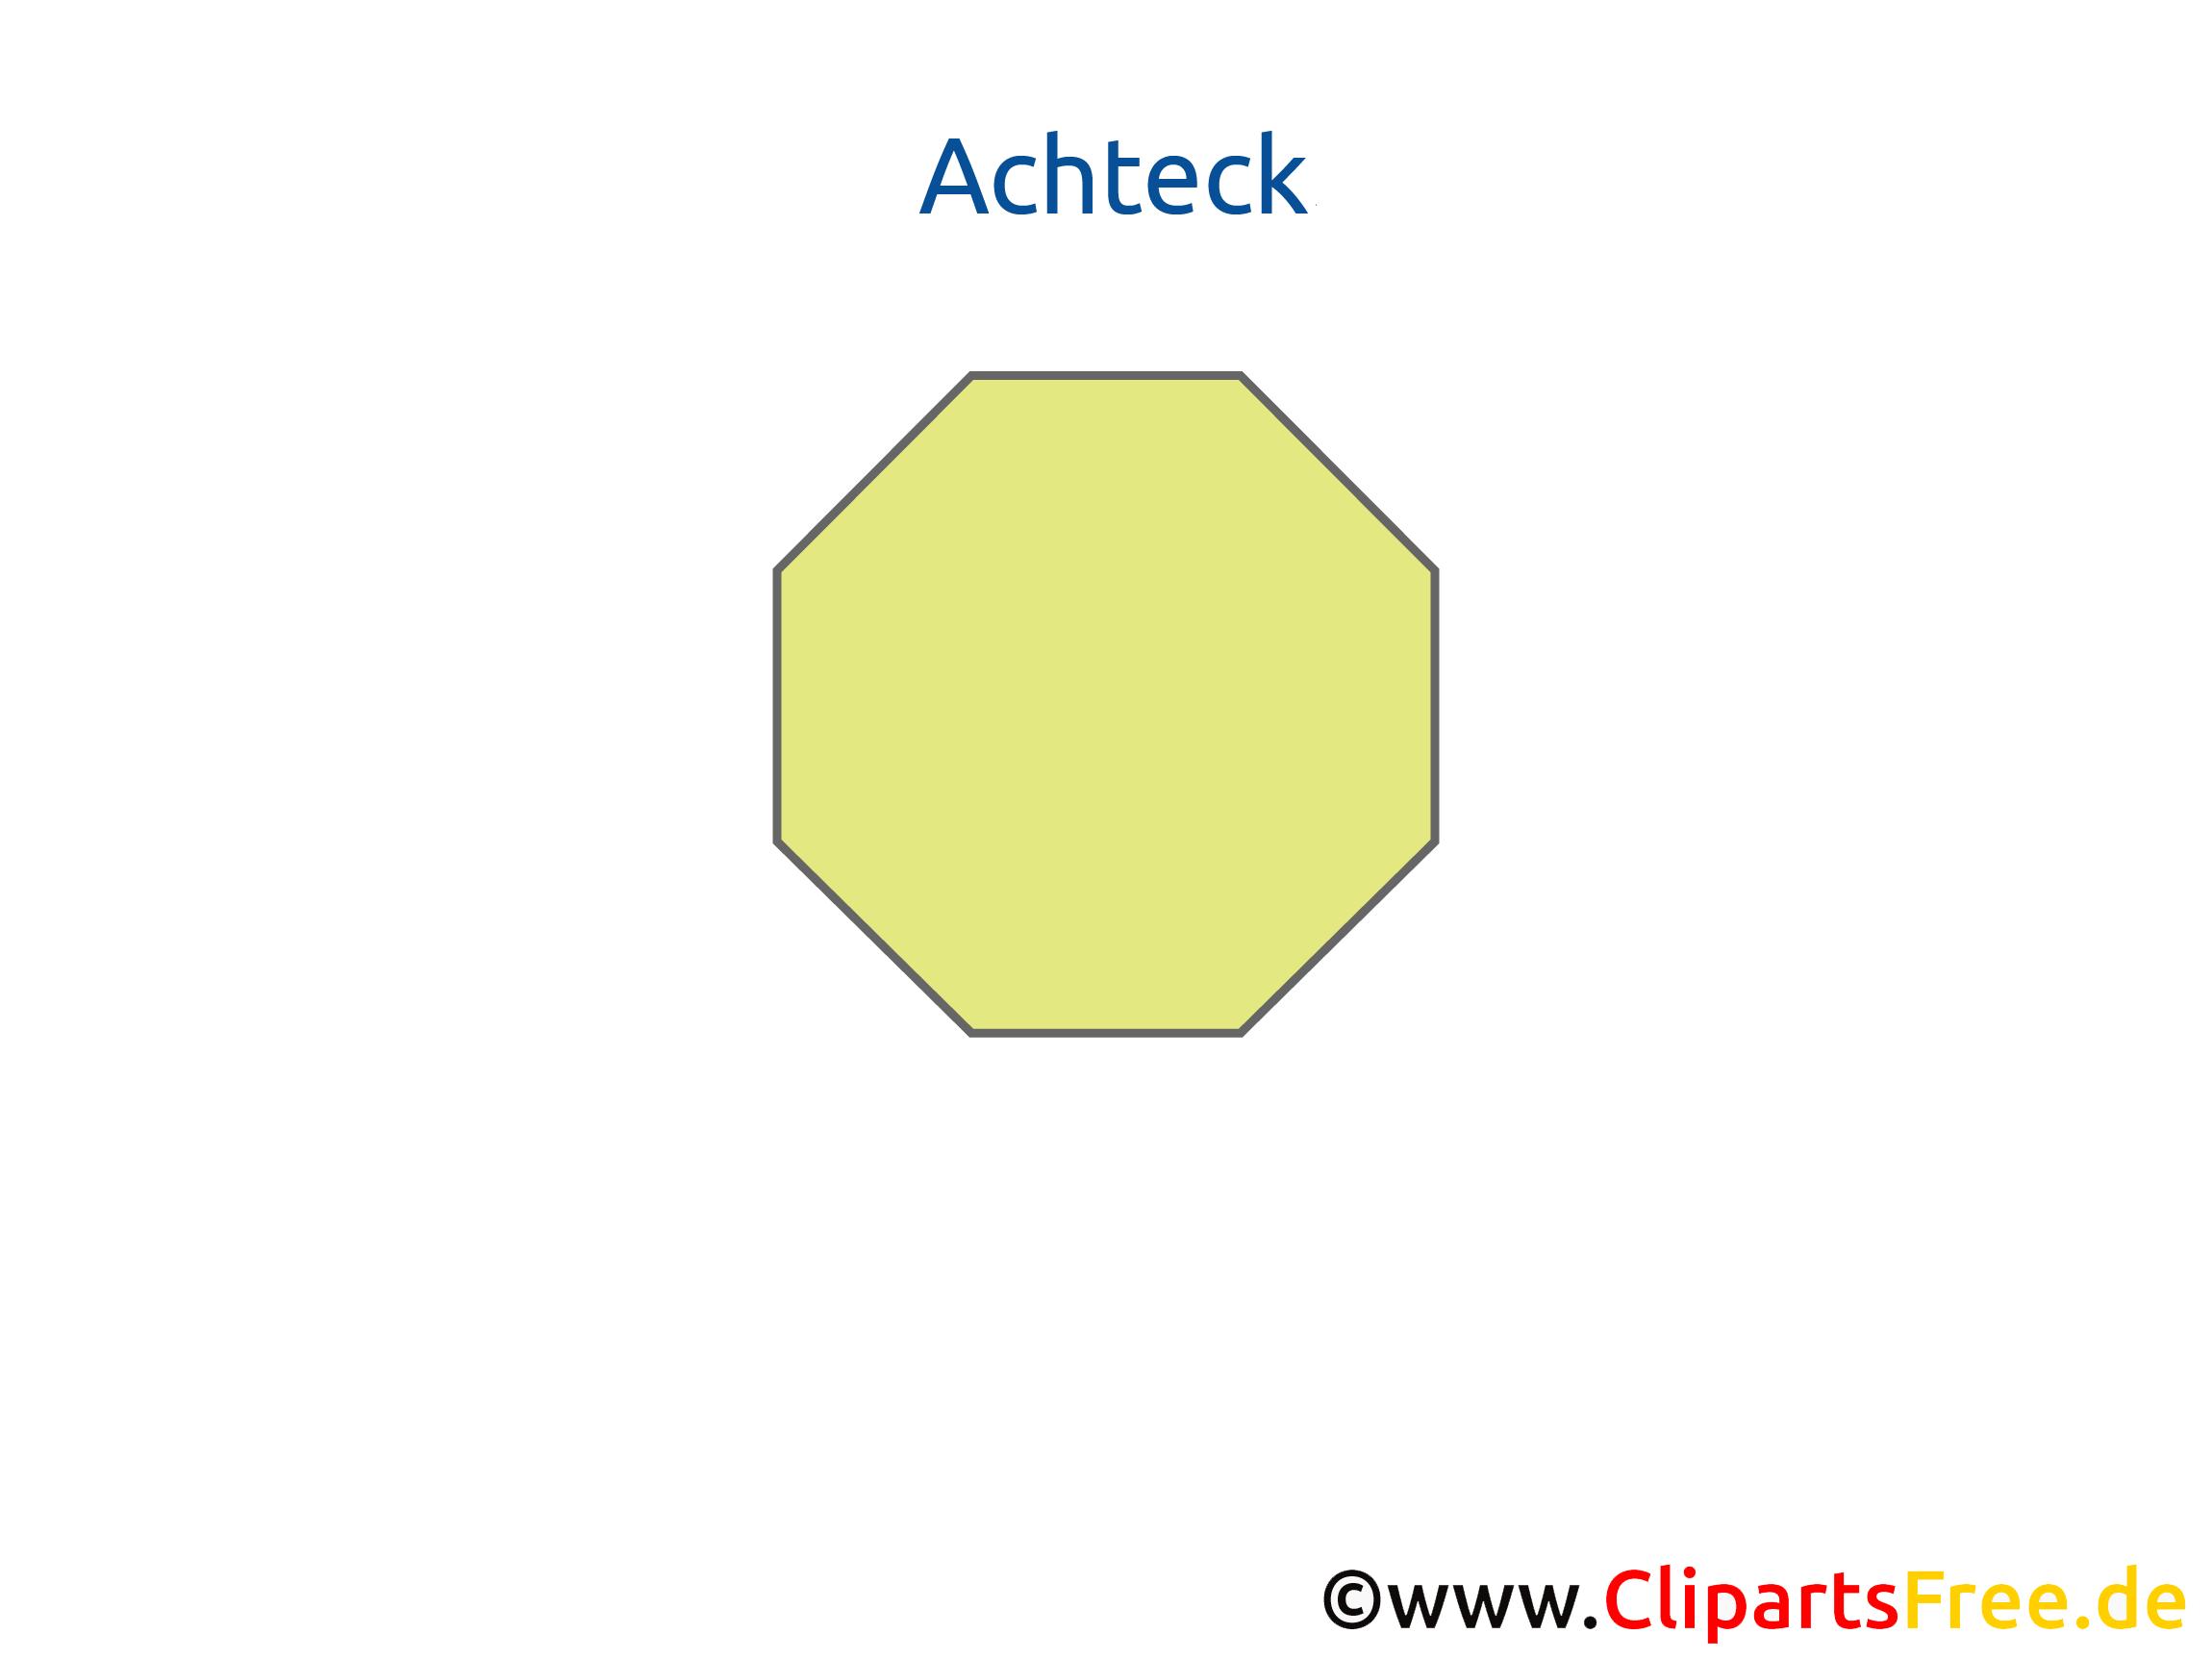 Achteck geometrische Körper Vorlagen